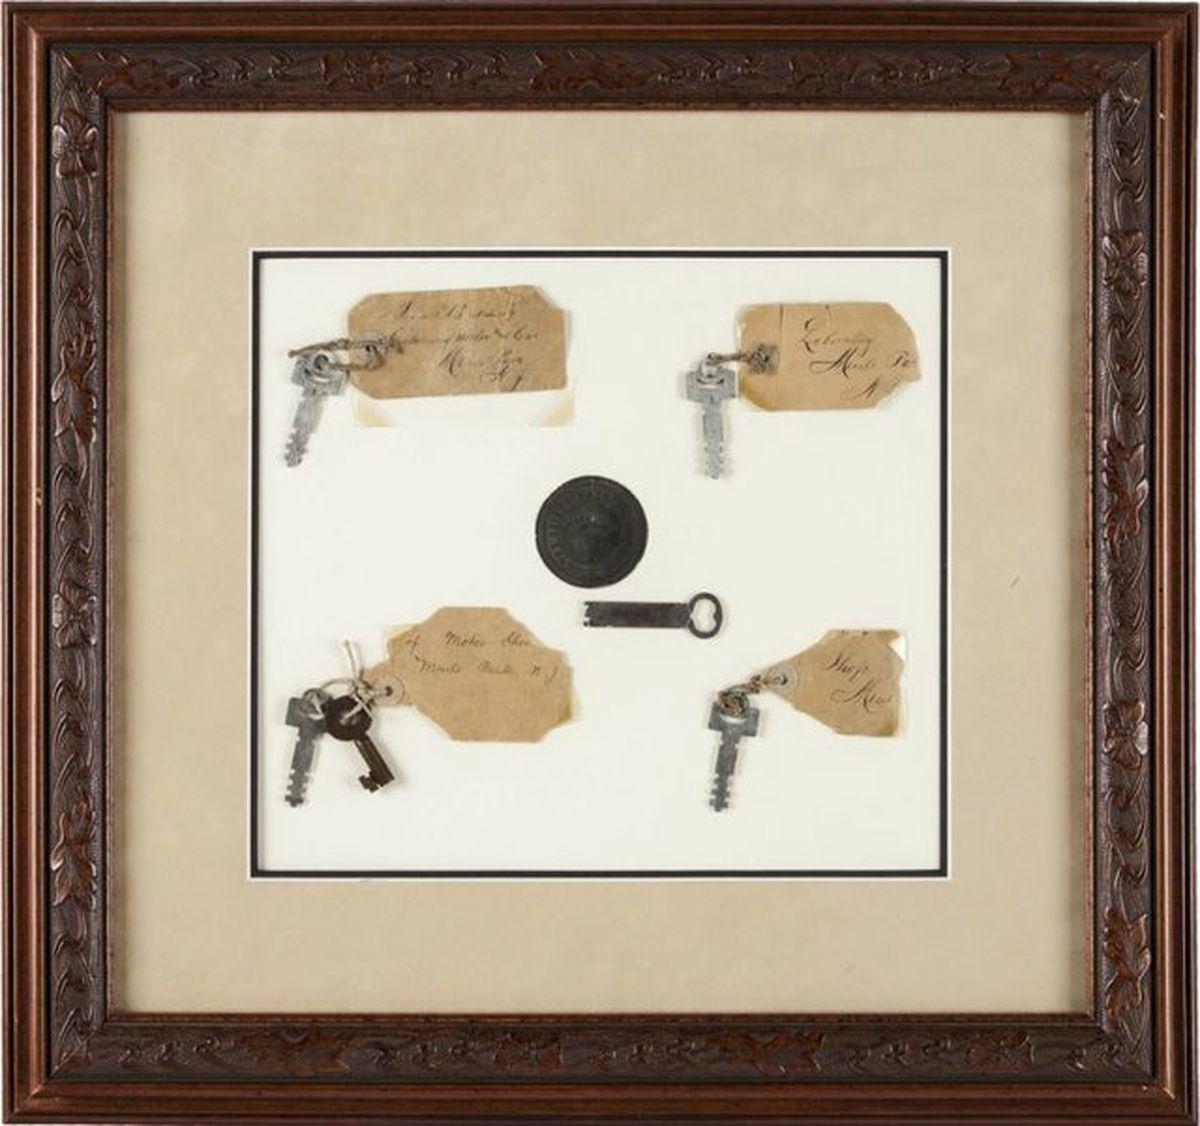 کلید آزمایشگاه ادیسون ۶۰ هزار دلار فروخته شد